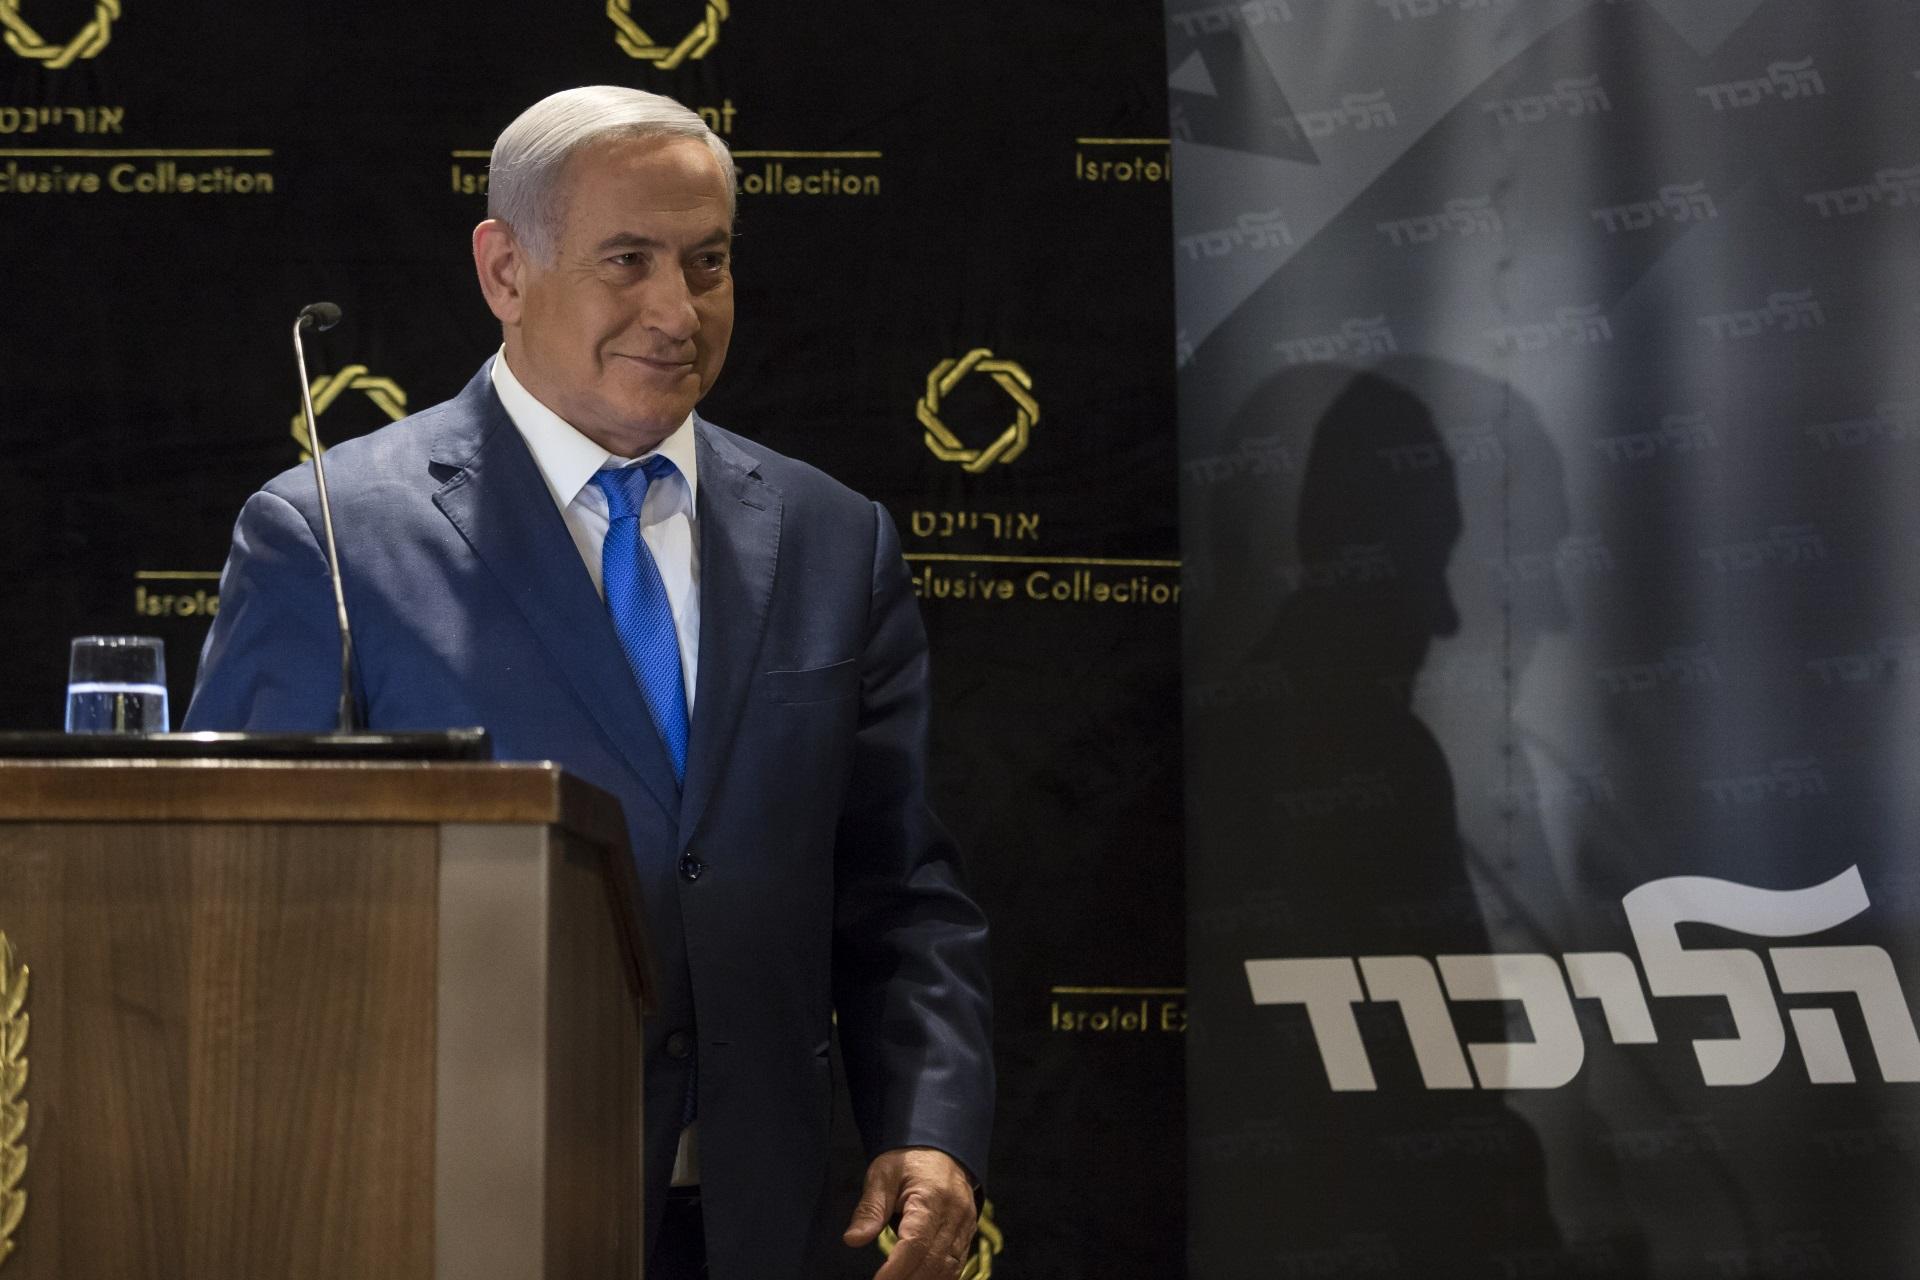 Бенямин Нетаняху<br /> <br /> През 2003 г. гръмна новината, че премиерът на Израел е харчил по 2700 долара държавни пари всяка година, за да си купува сладолед от гурме магазин, който се намирал близо до официалната му резиденция. След скандала офисът на Нетаняху оттегля молбата си за подновяване на разрешението да му бъдат отпуснати лични пари в размер на 10 хил. шекела. Въпреки това не се съобщава дали скандалът да е намалил апетита на премира към предпочитания от него сладолед с аромат на фъстъци.